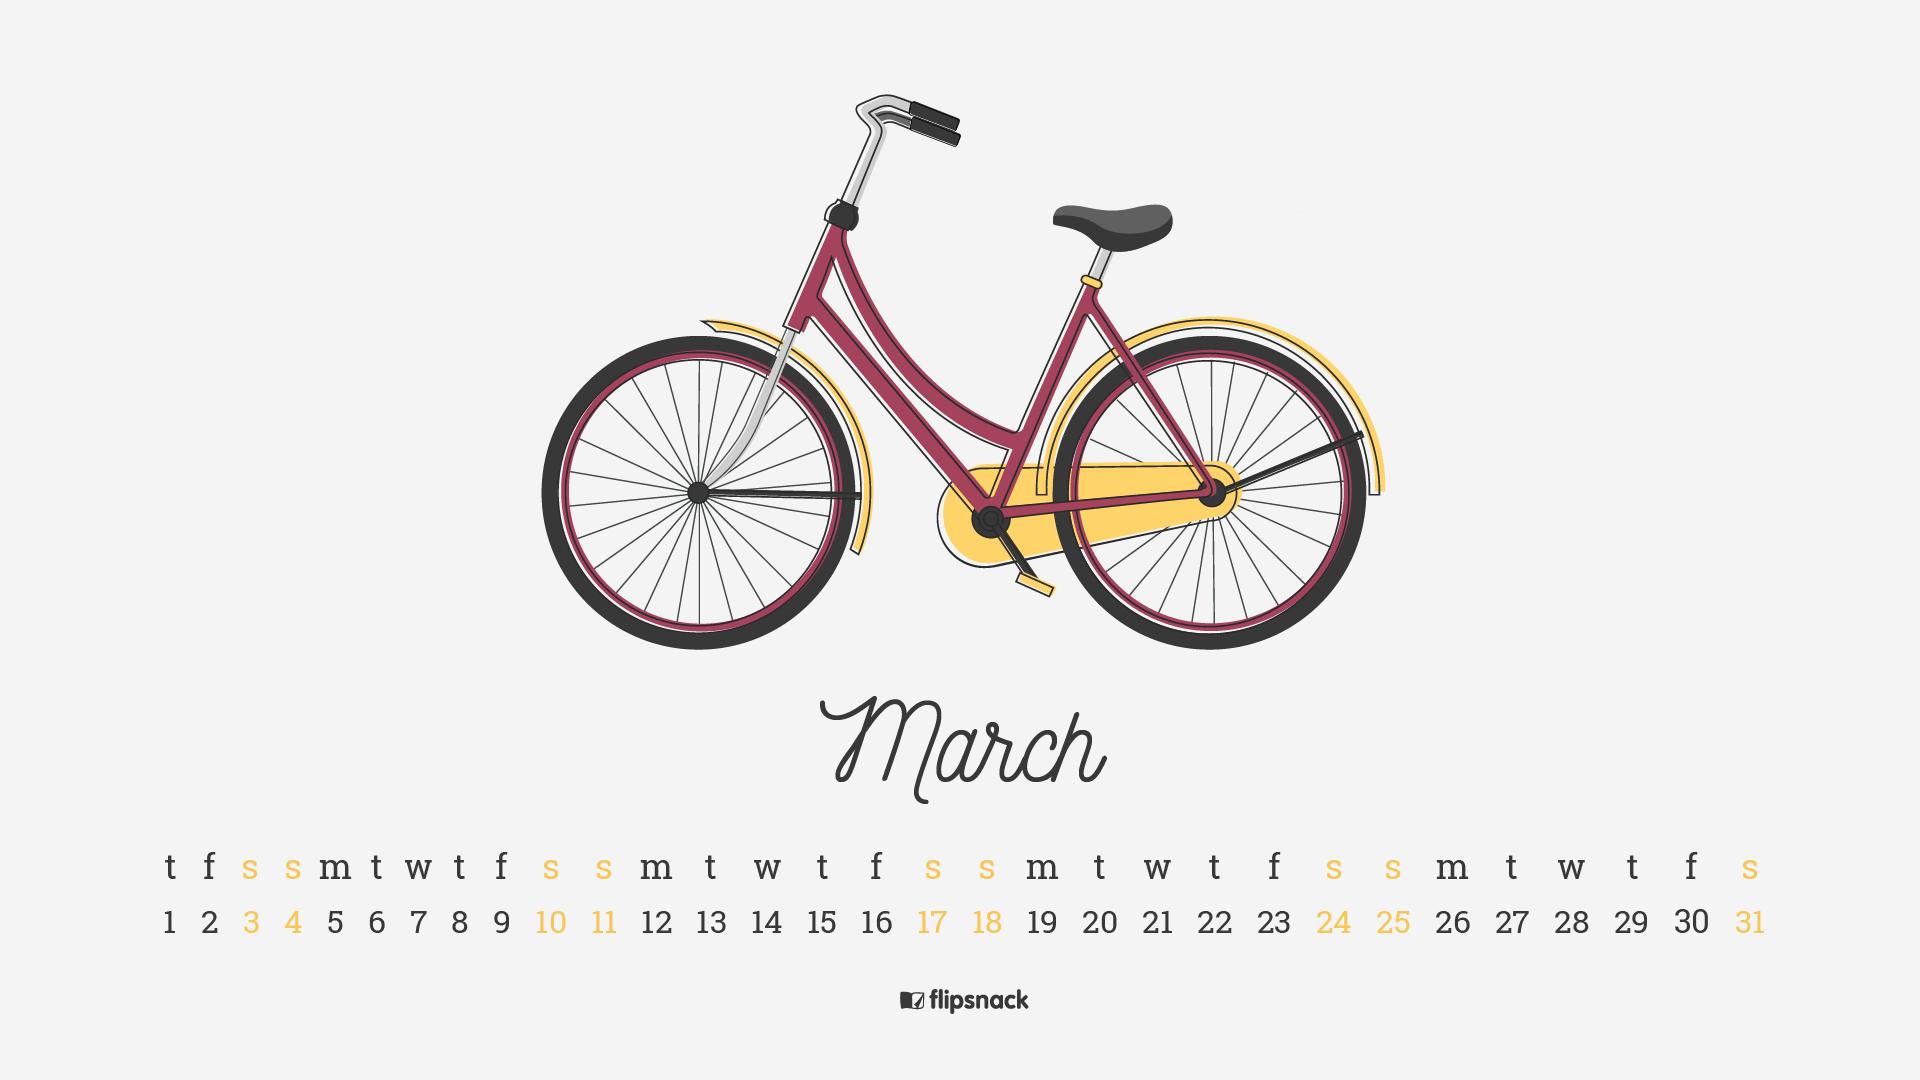 March 2018 wallpaper calendar for desktop background 1920x1080